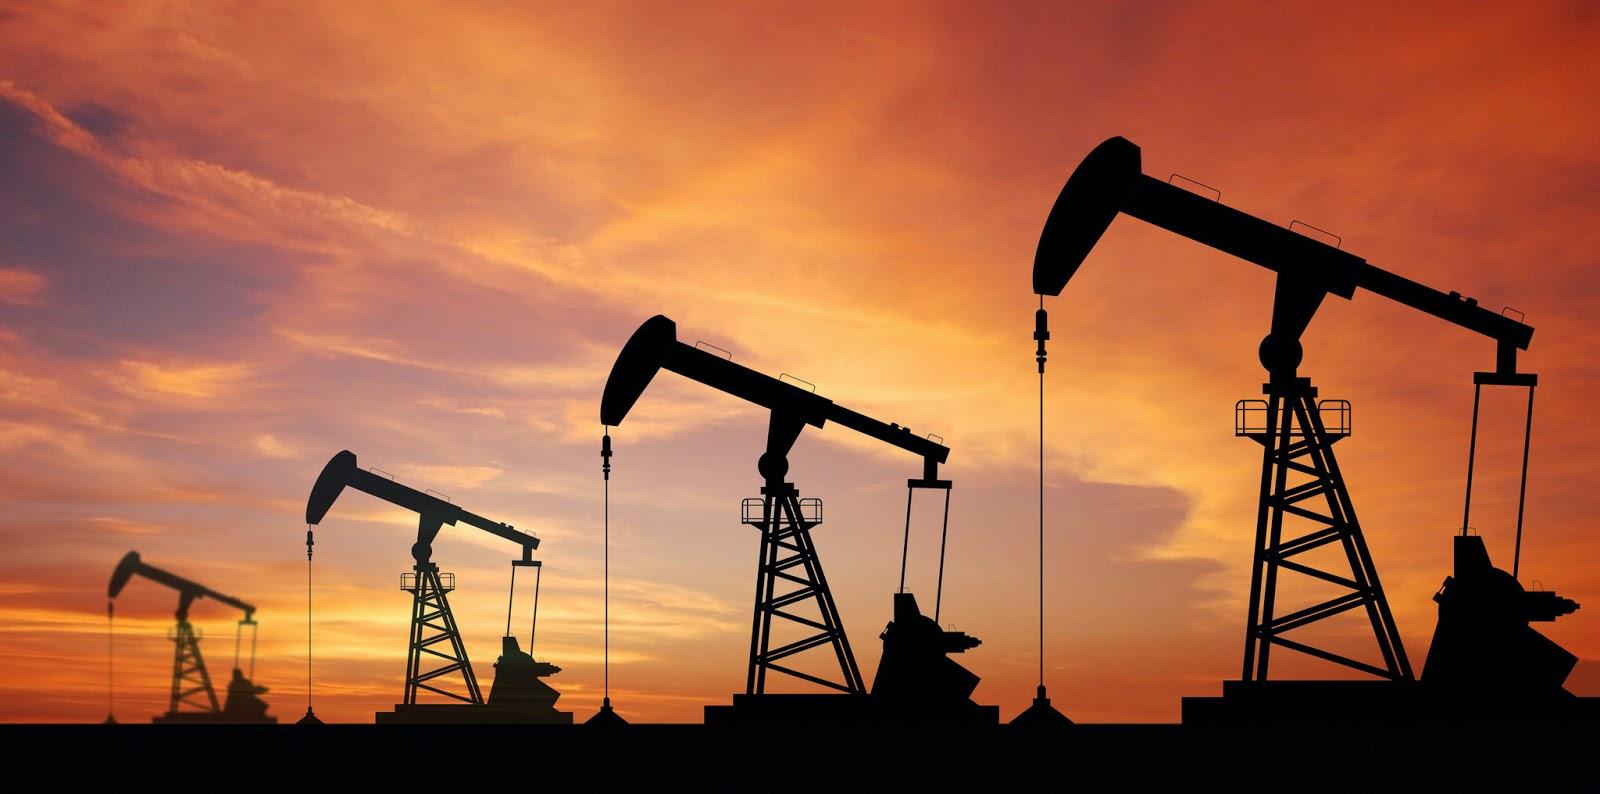 цена не нефть, спрос на нефть, МЭА